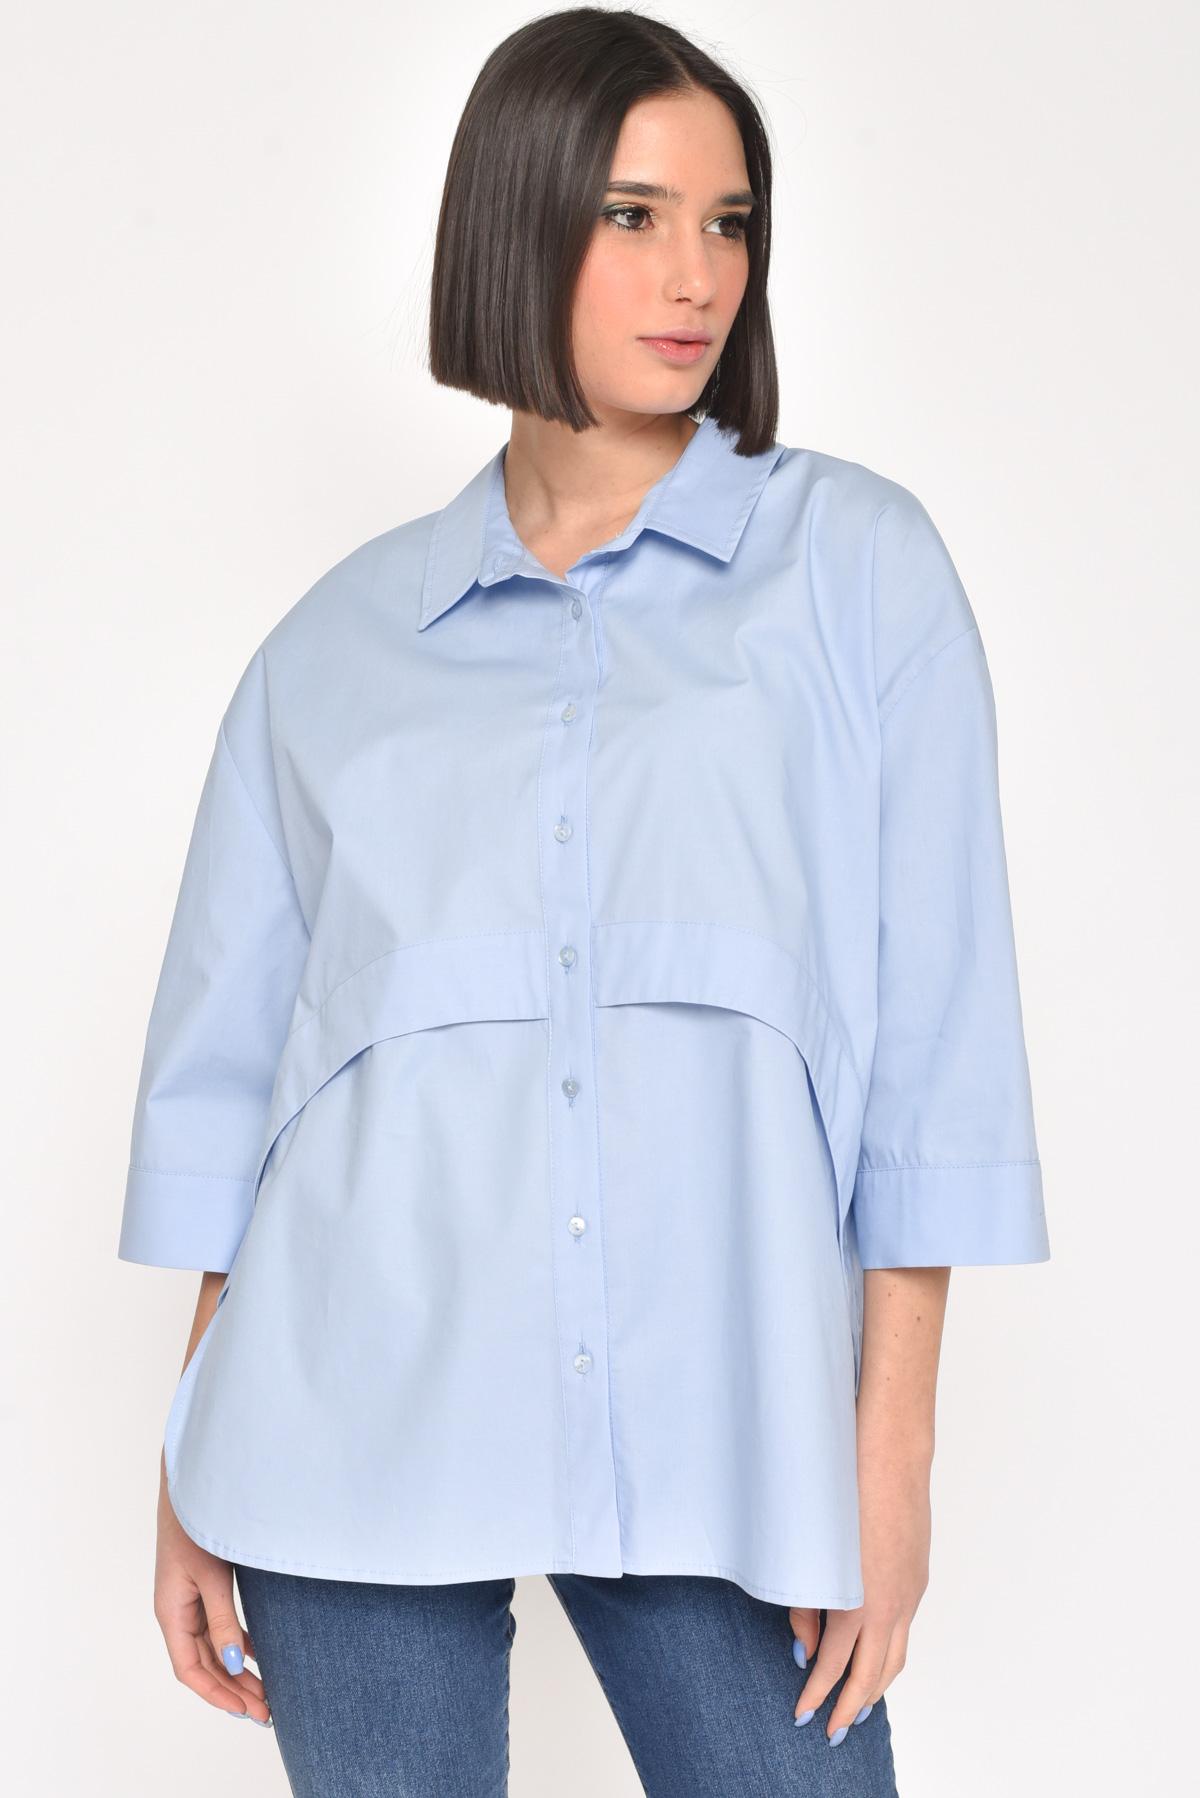 CAMICIA IN COTONE A SCATOLA for women - LIGHT BLUE - Paquito Pronto Moda Shop Online